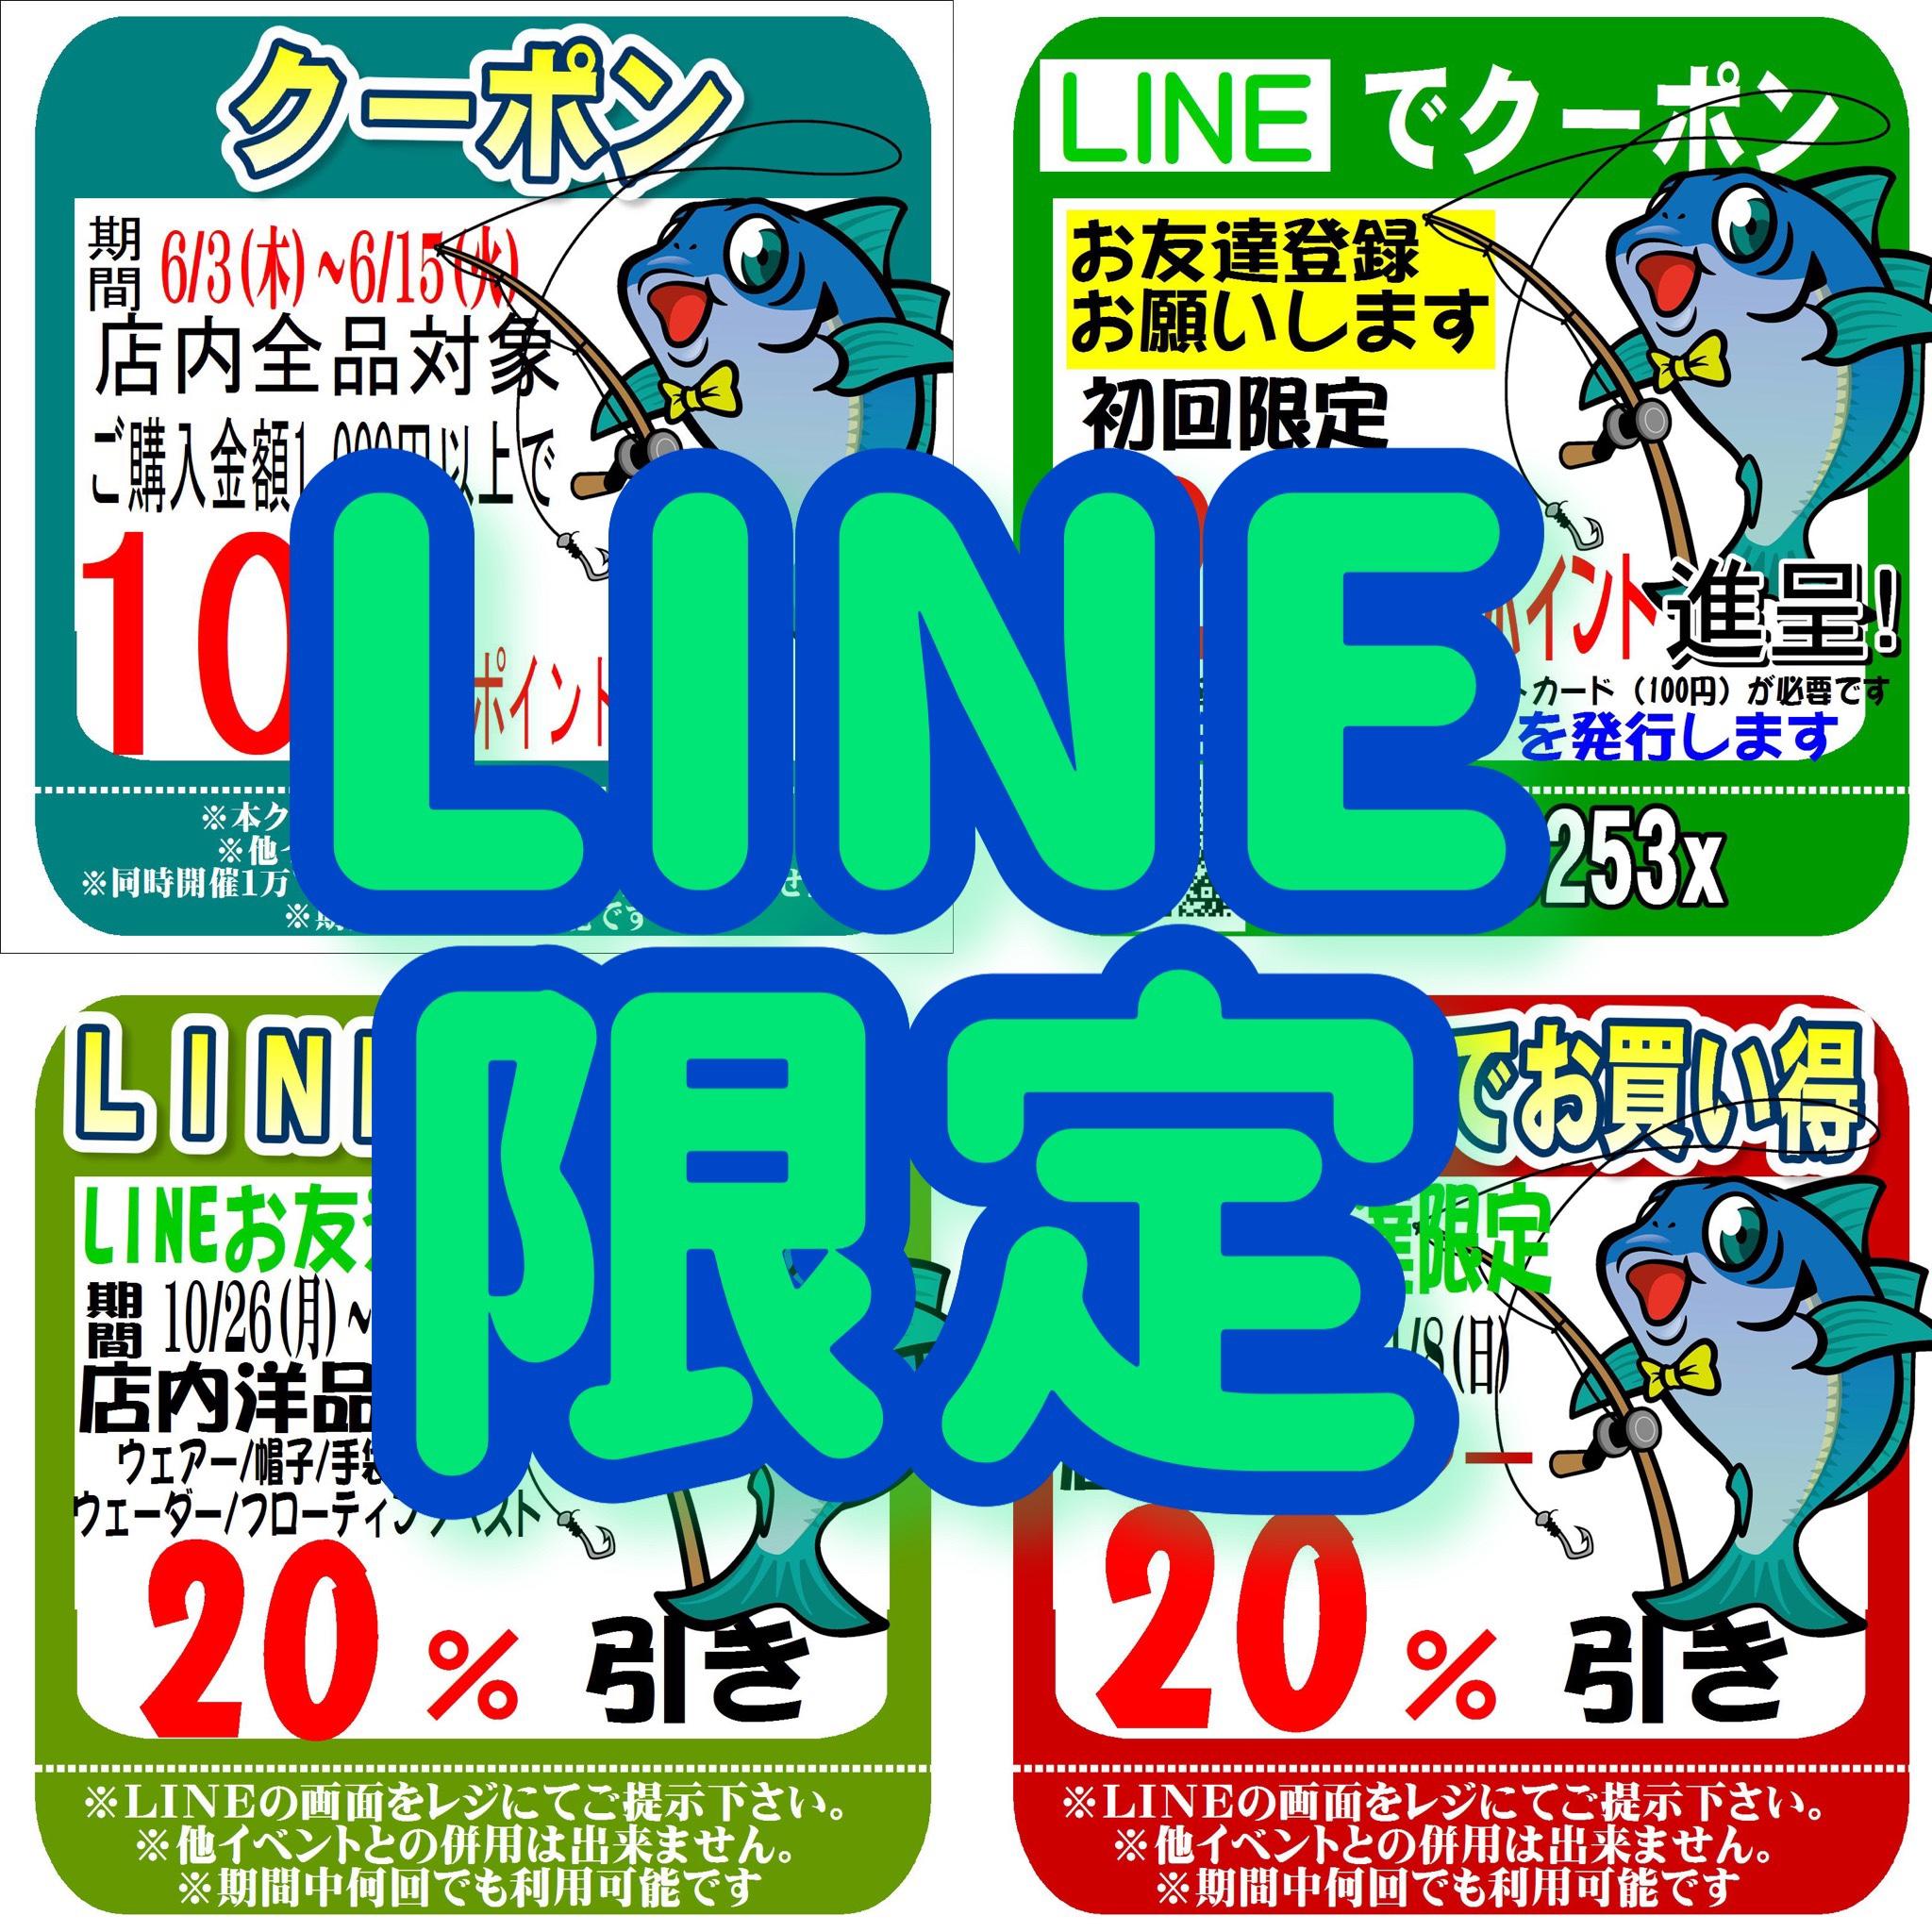 【LINEクーポンのご案内】